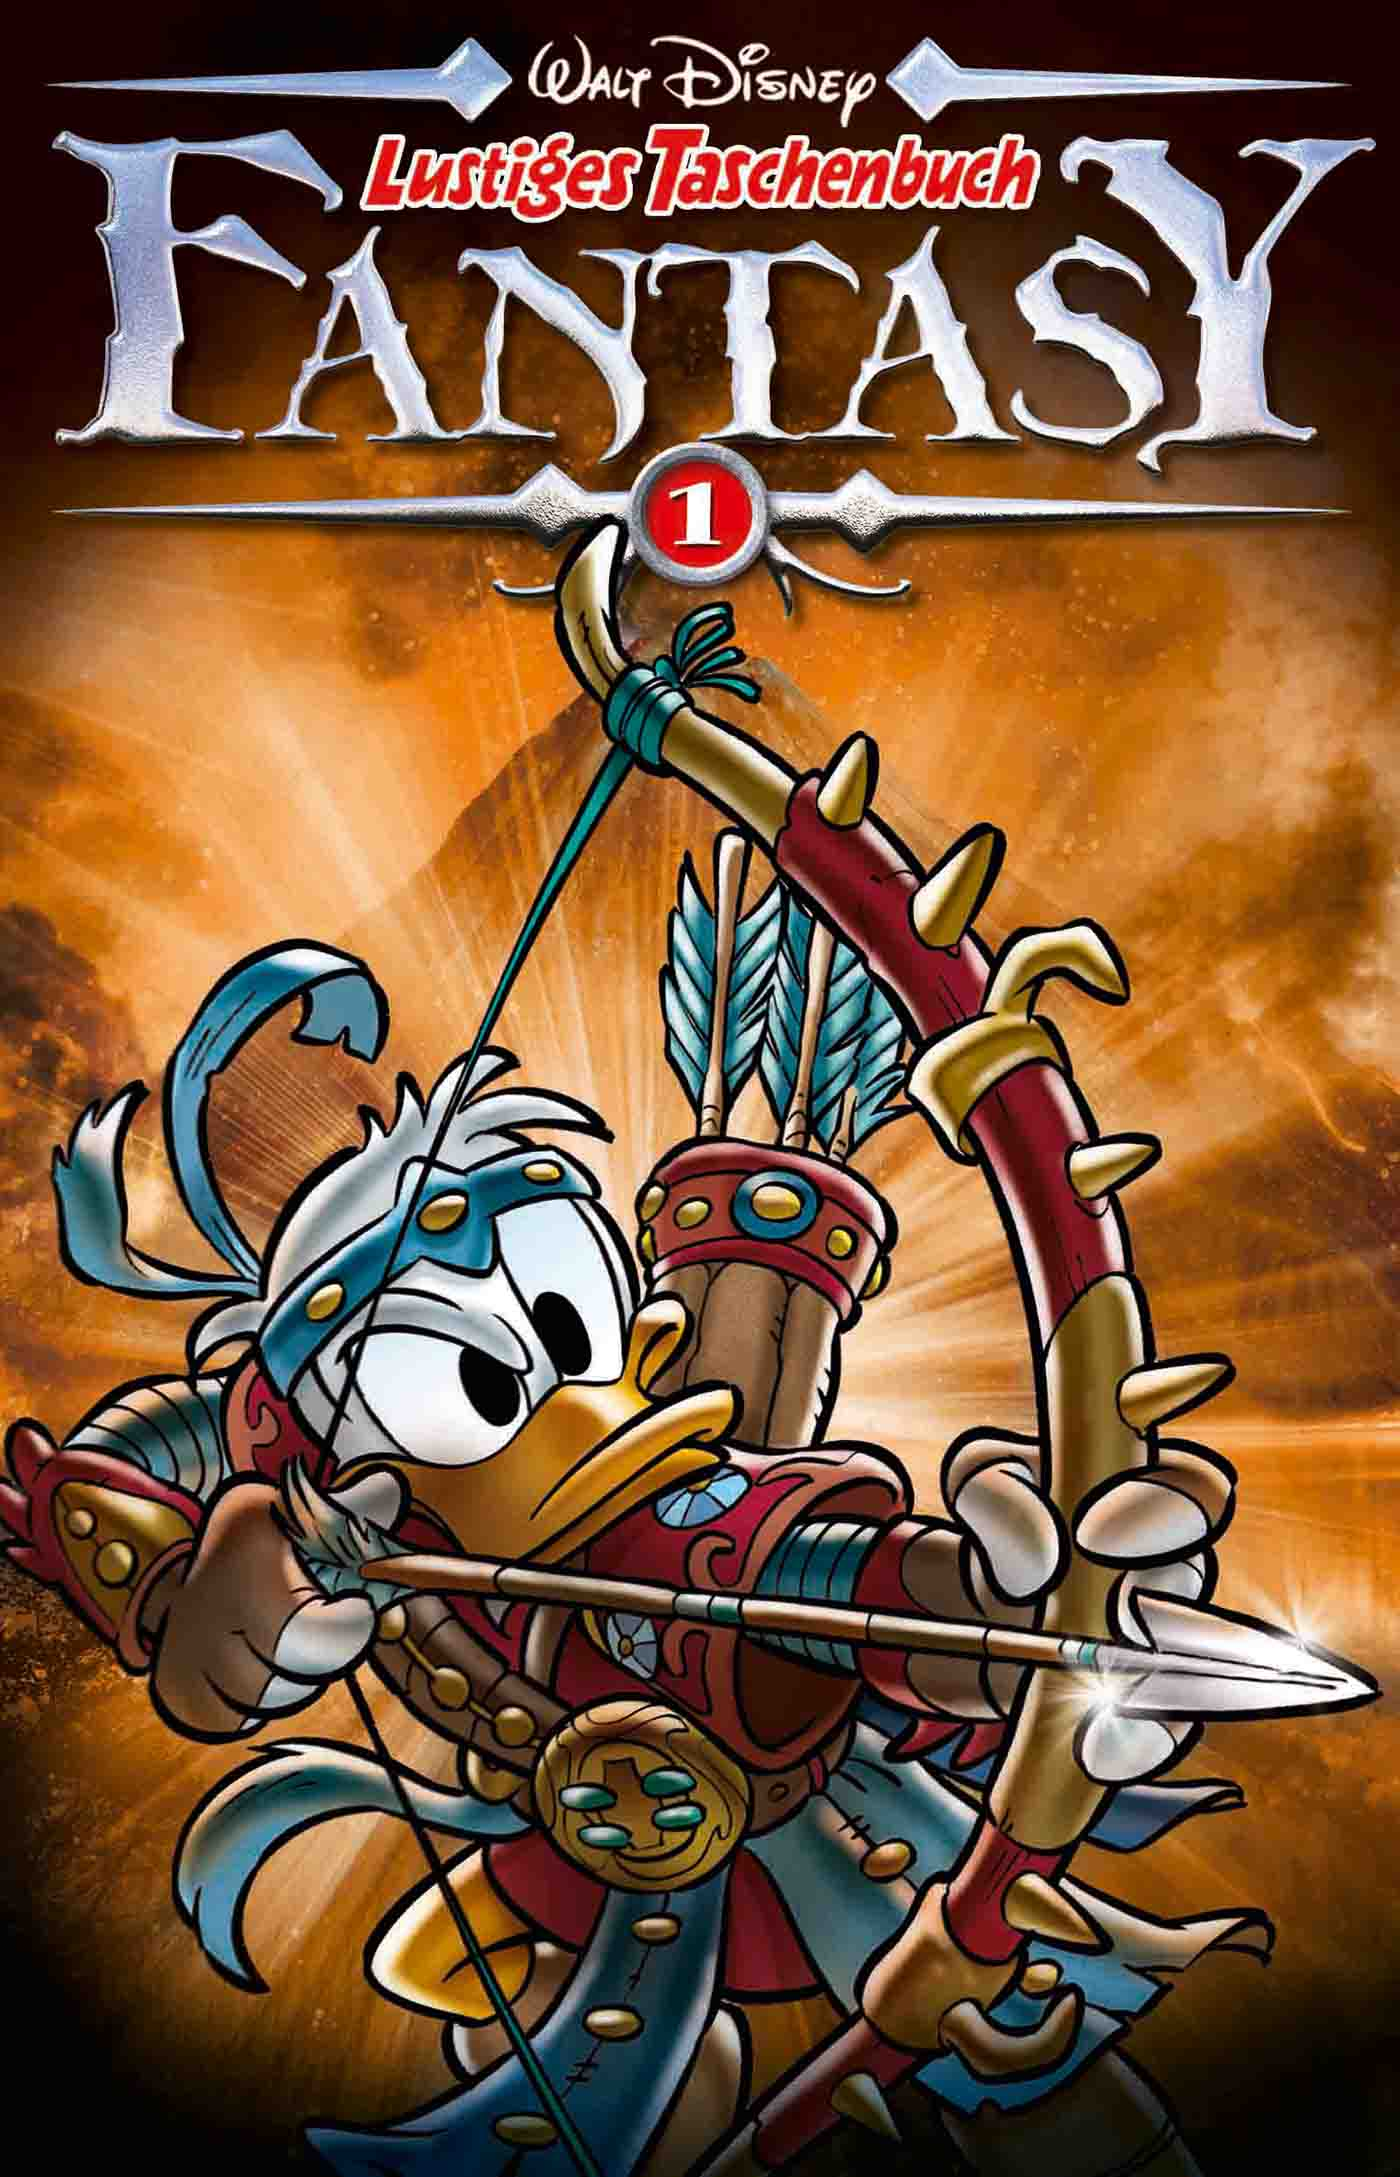 NEU-Lustiges-Taschenbuch-Fantasy-1-Walt-Disney-322012